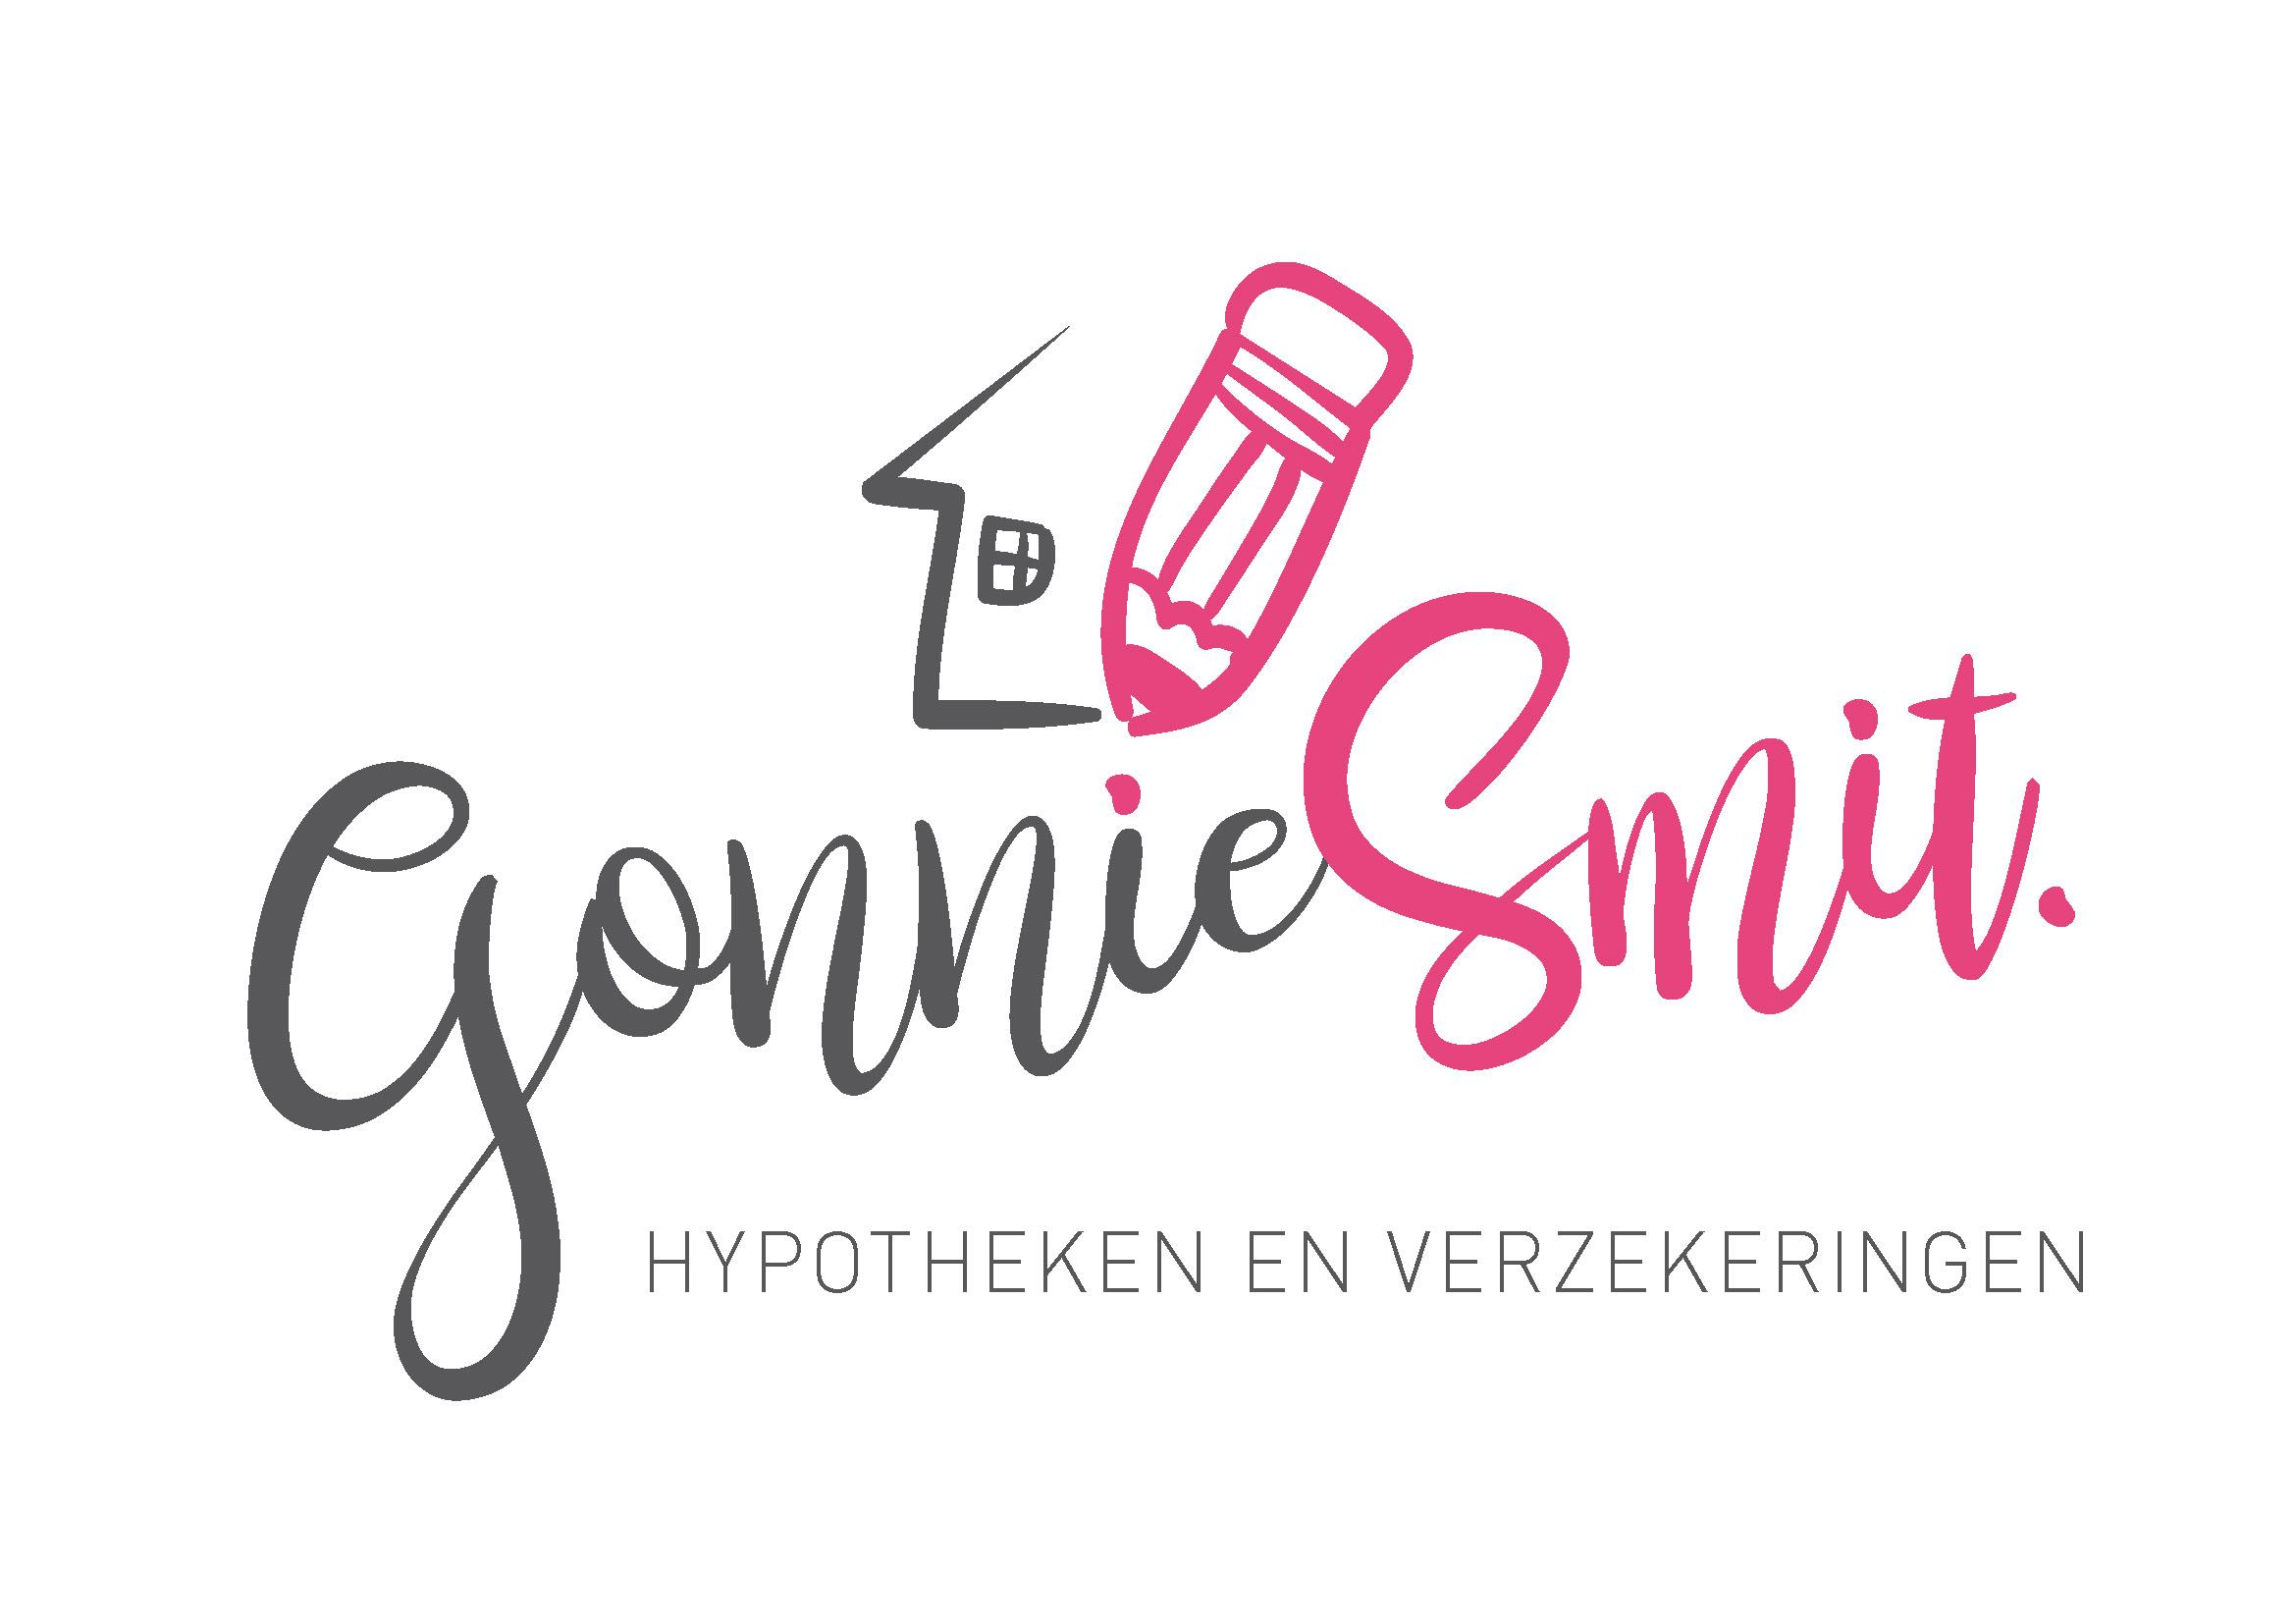 Gonnie Smit Hypotheken en verzekeringen